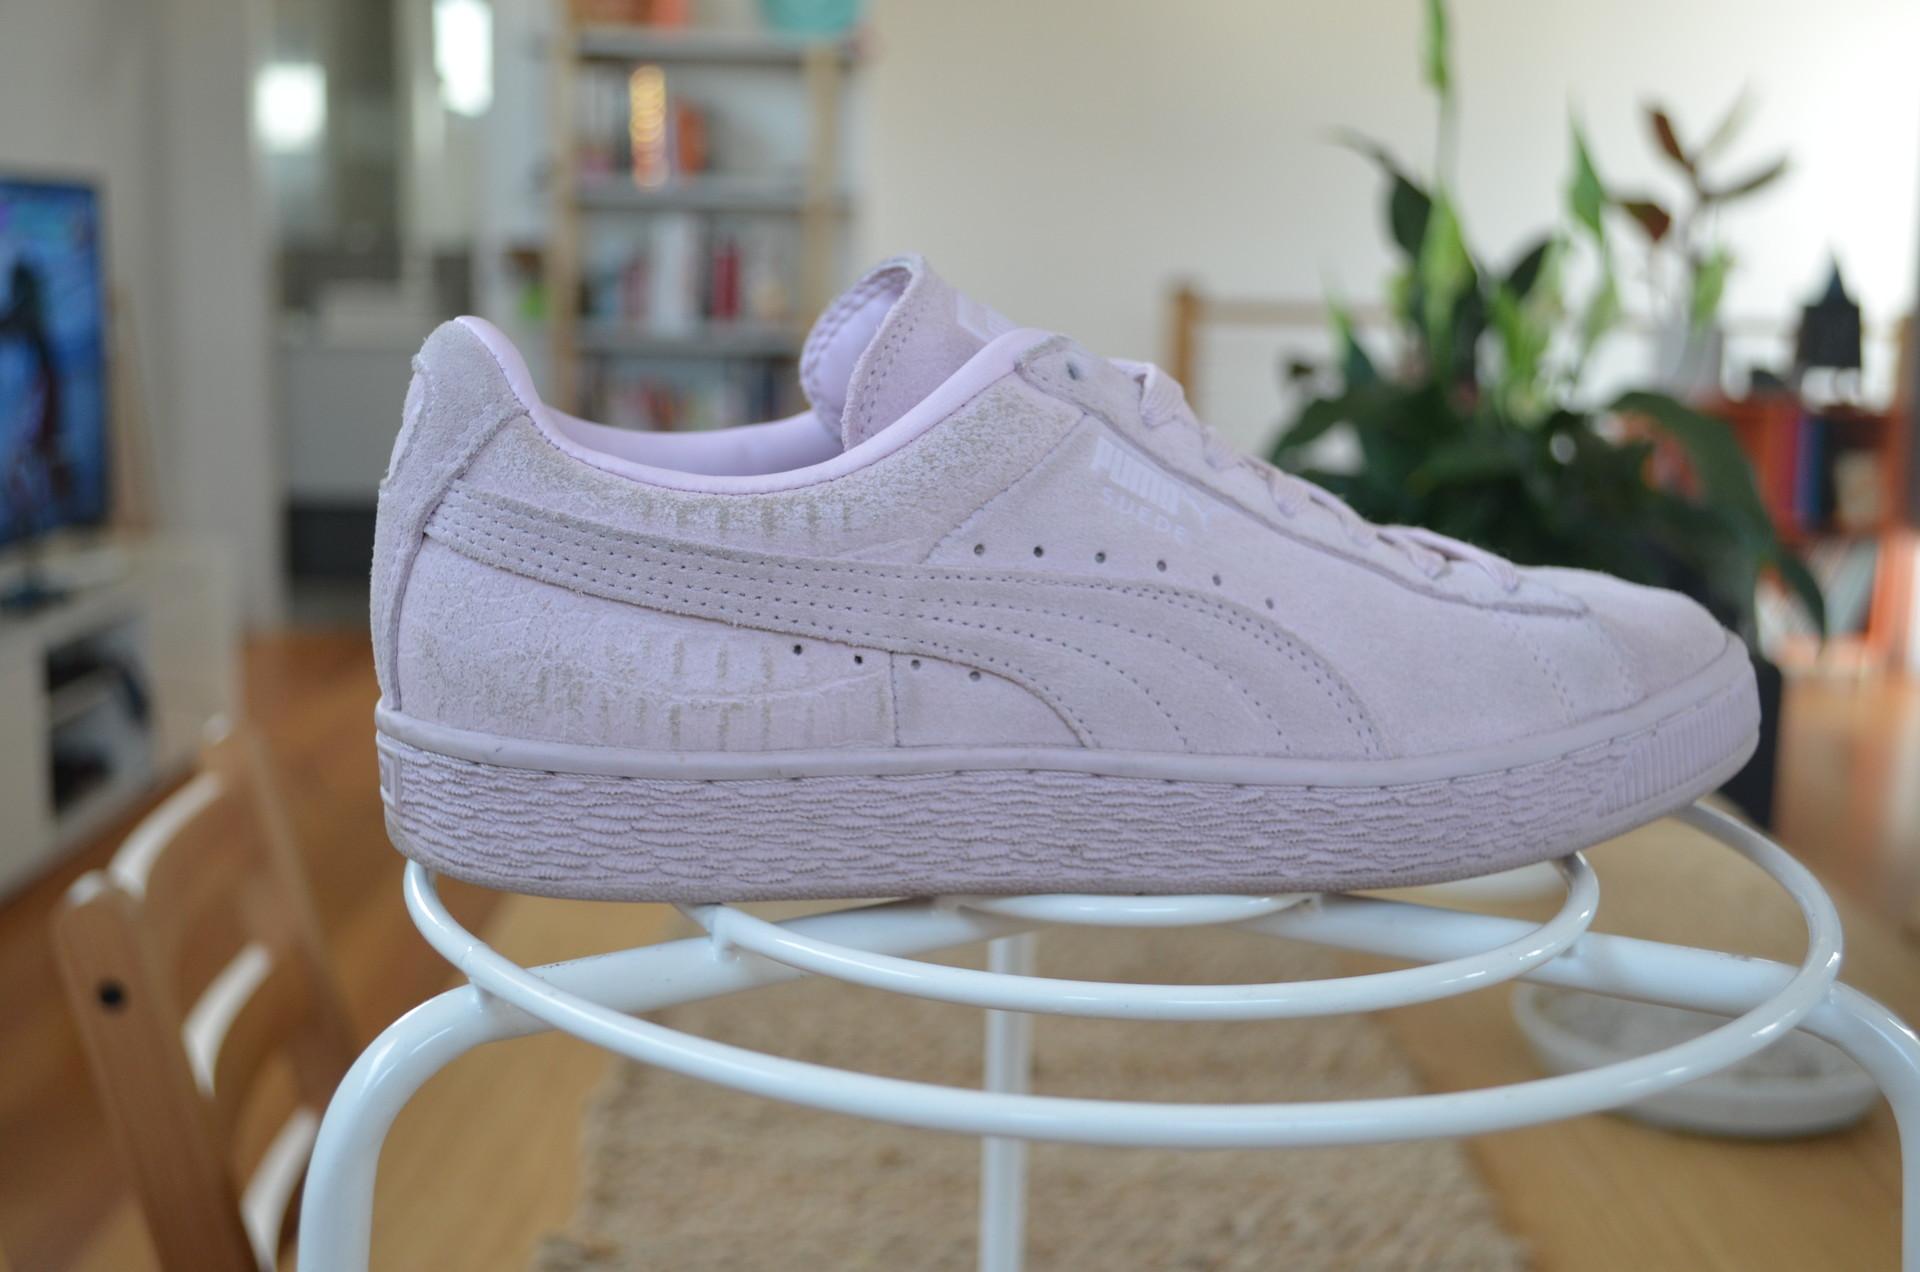 Original photograph of shoe